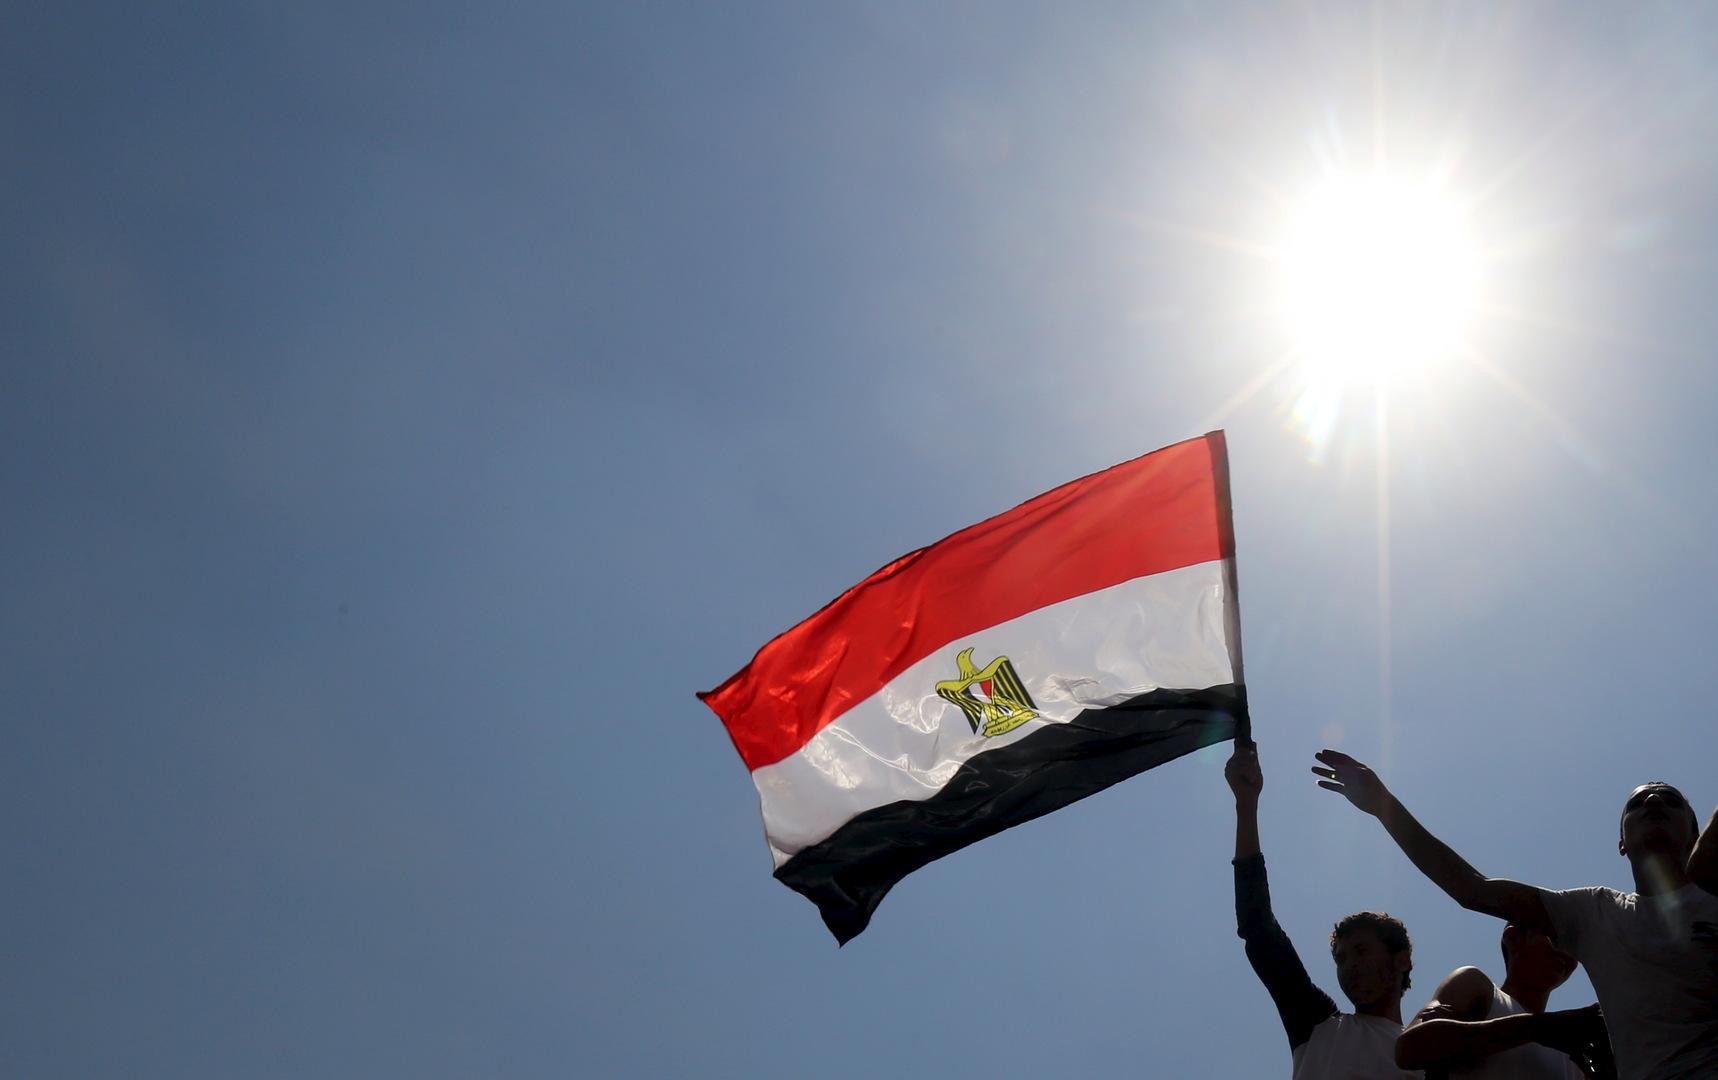 مصر.. الرقابة الإدارية تسقط شبكة اتجار في الأعضاء البشرية